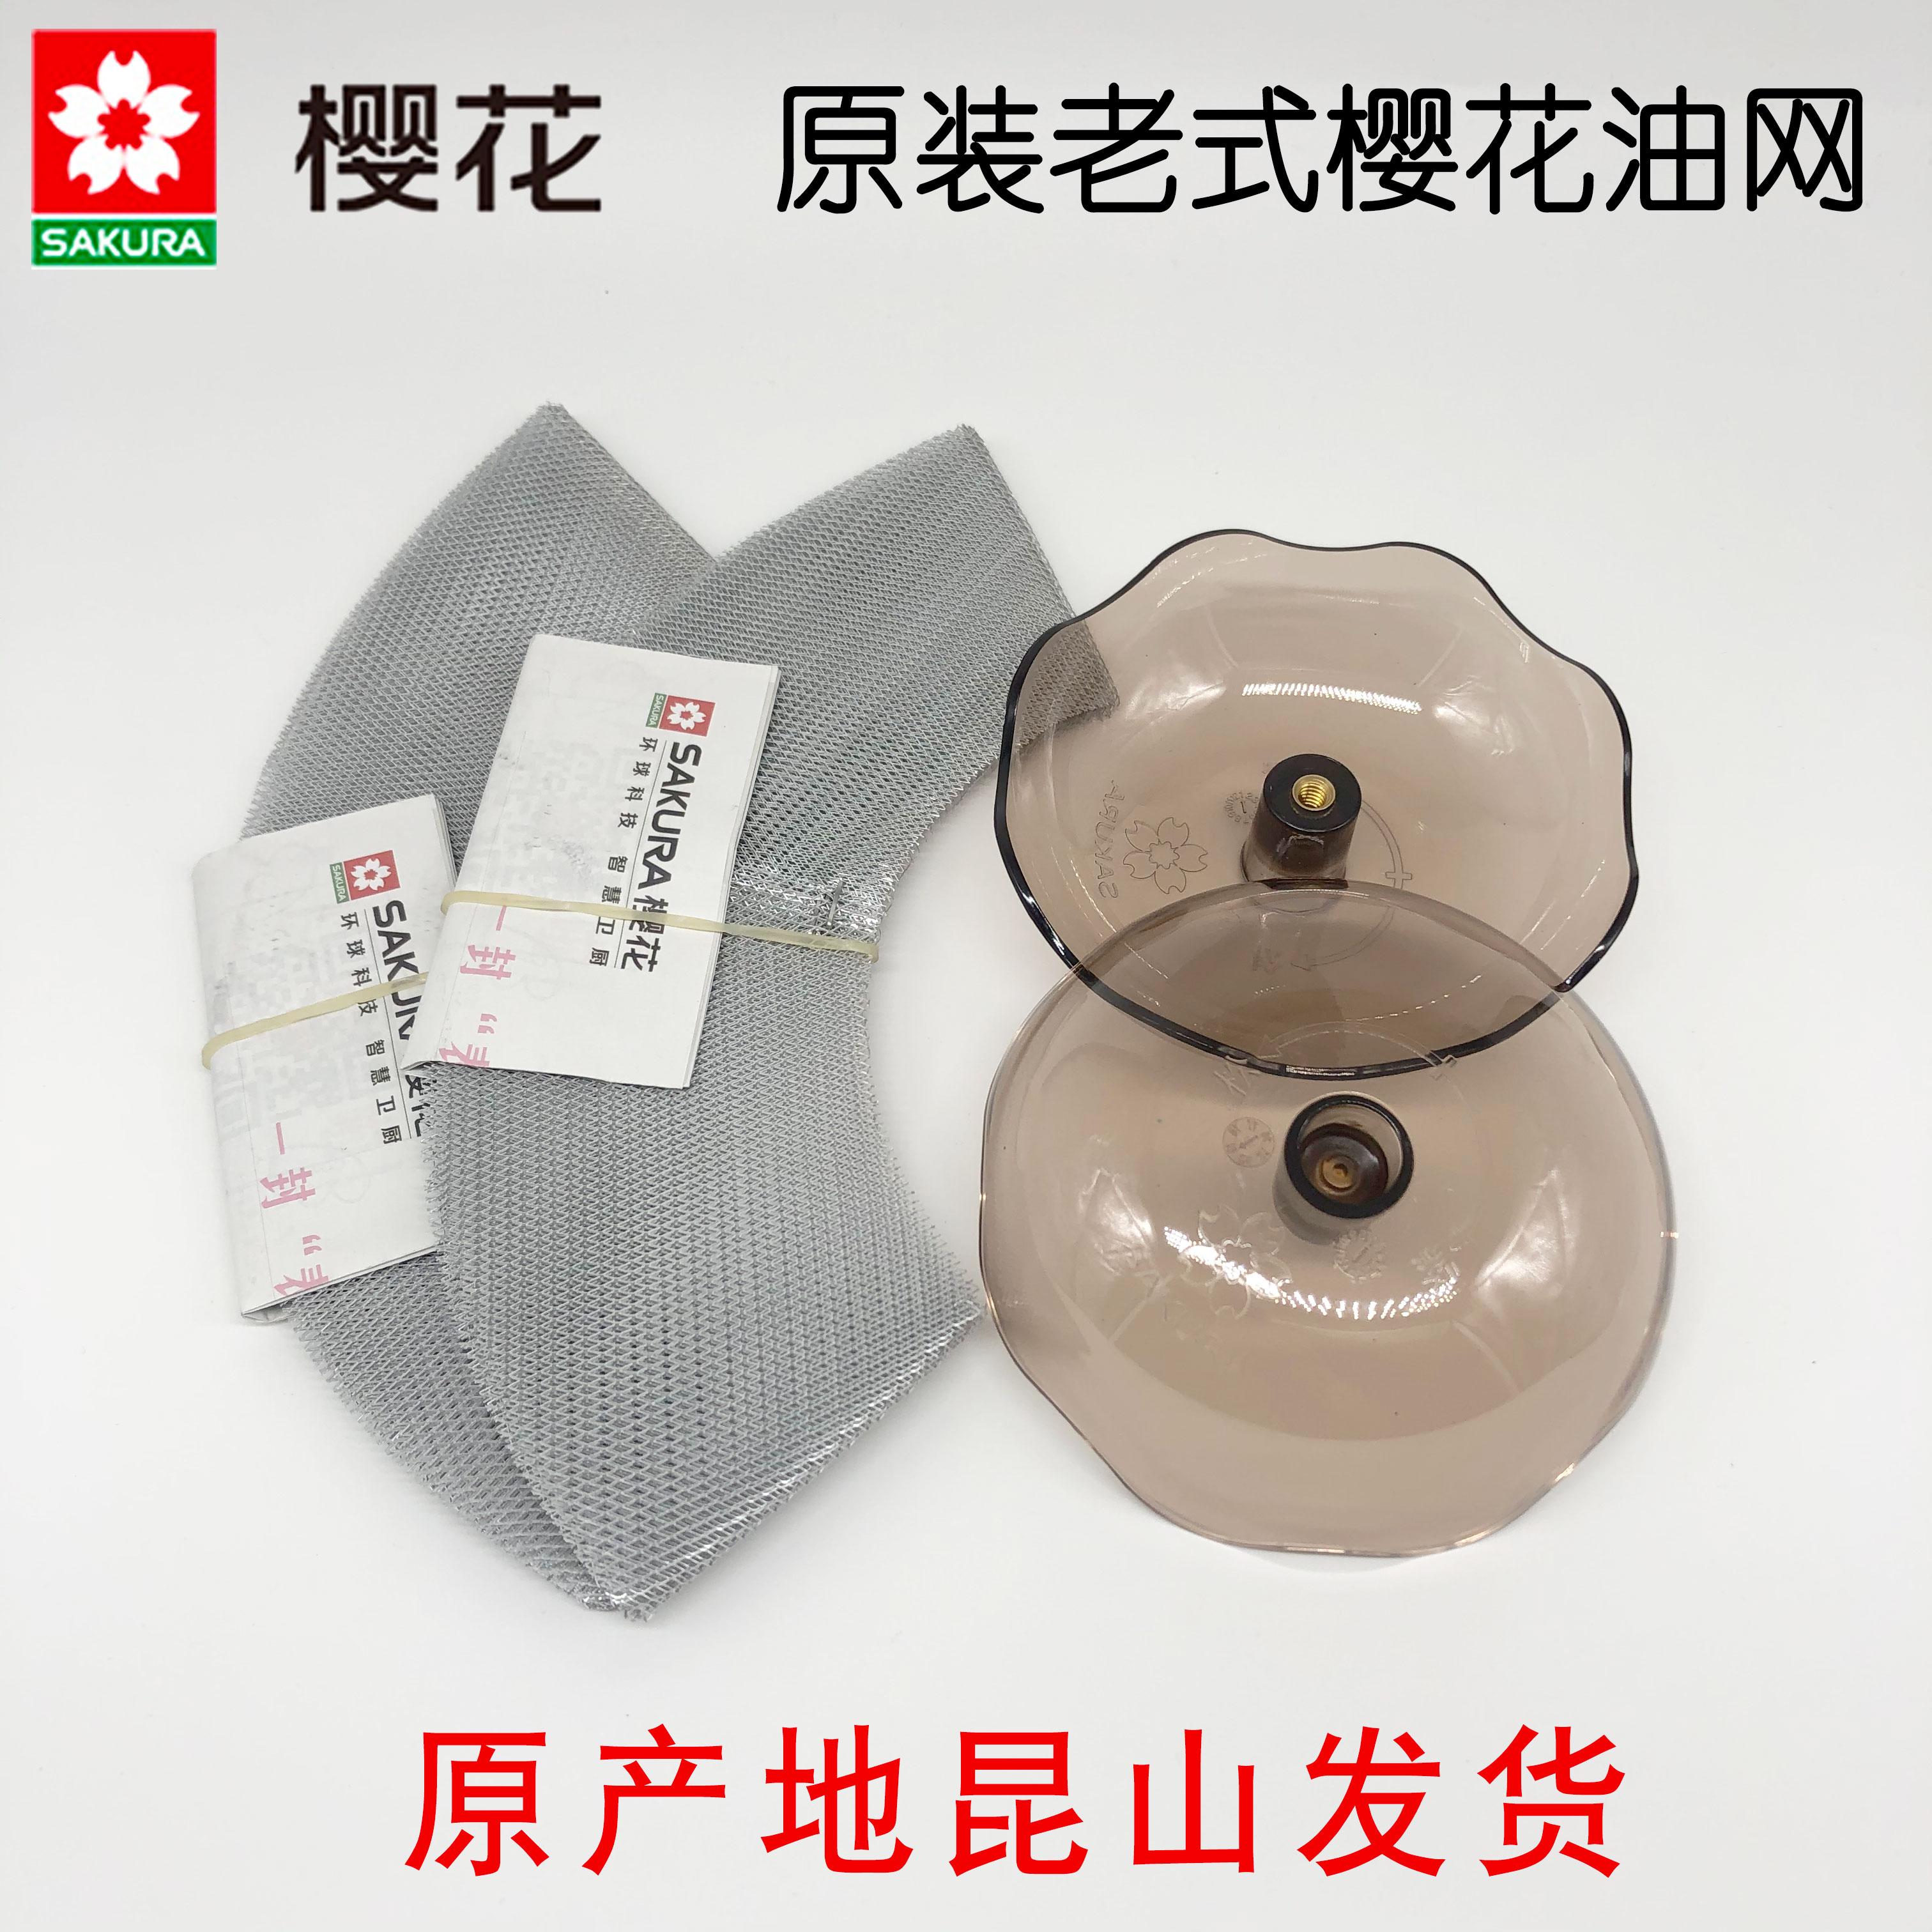 Kunshan cherry blossom smoke machine huile maille drain filtre couvercle capot fumeur universel accessoires ronds nets d'origine